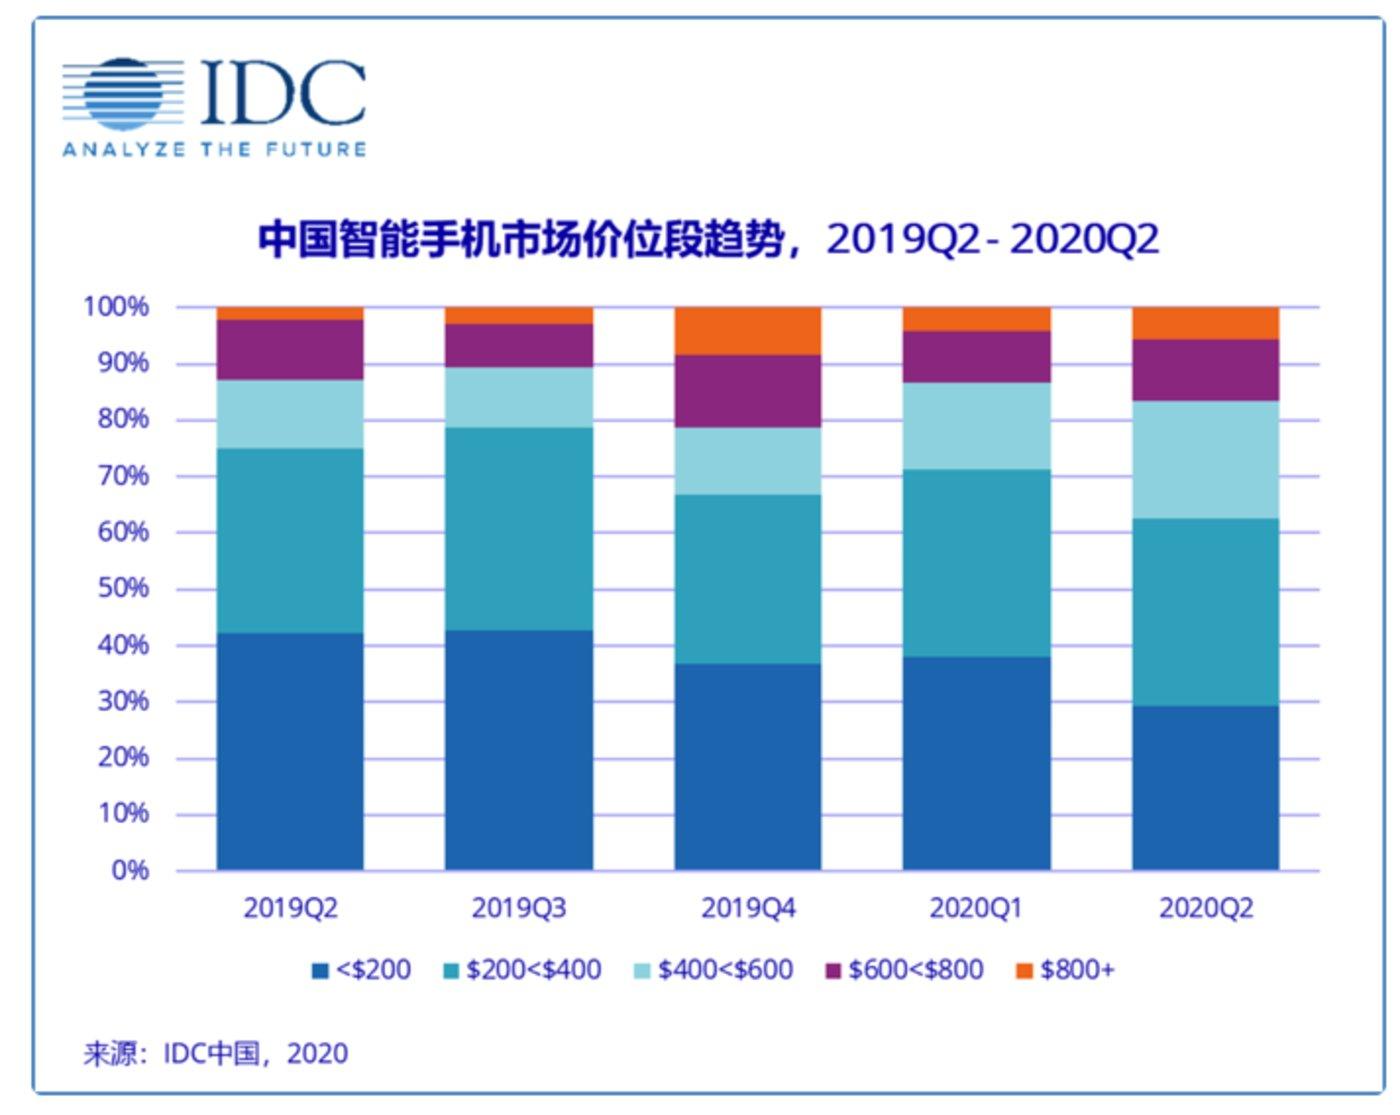 数据来源:IDC